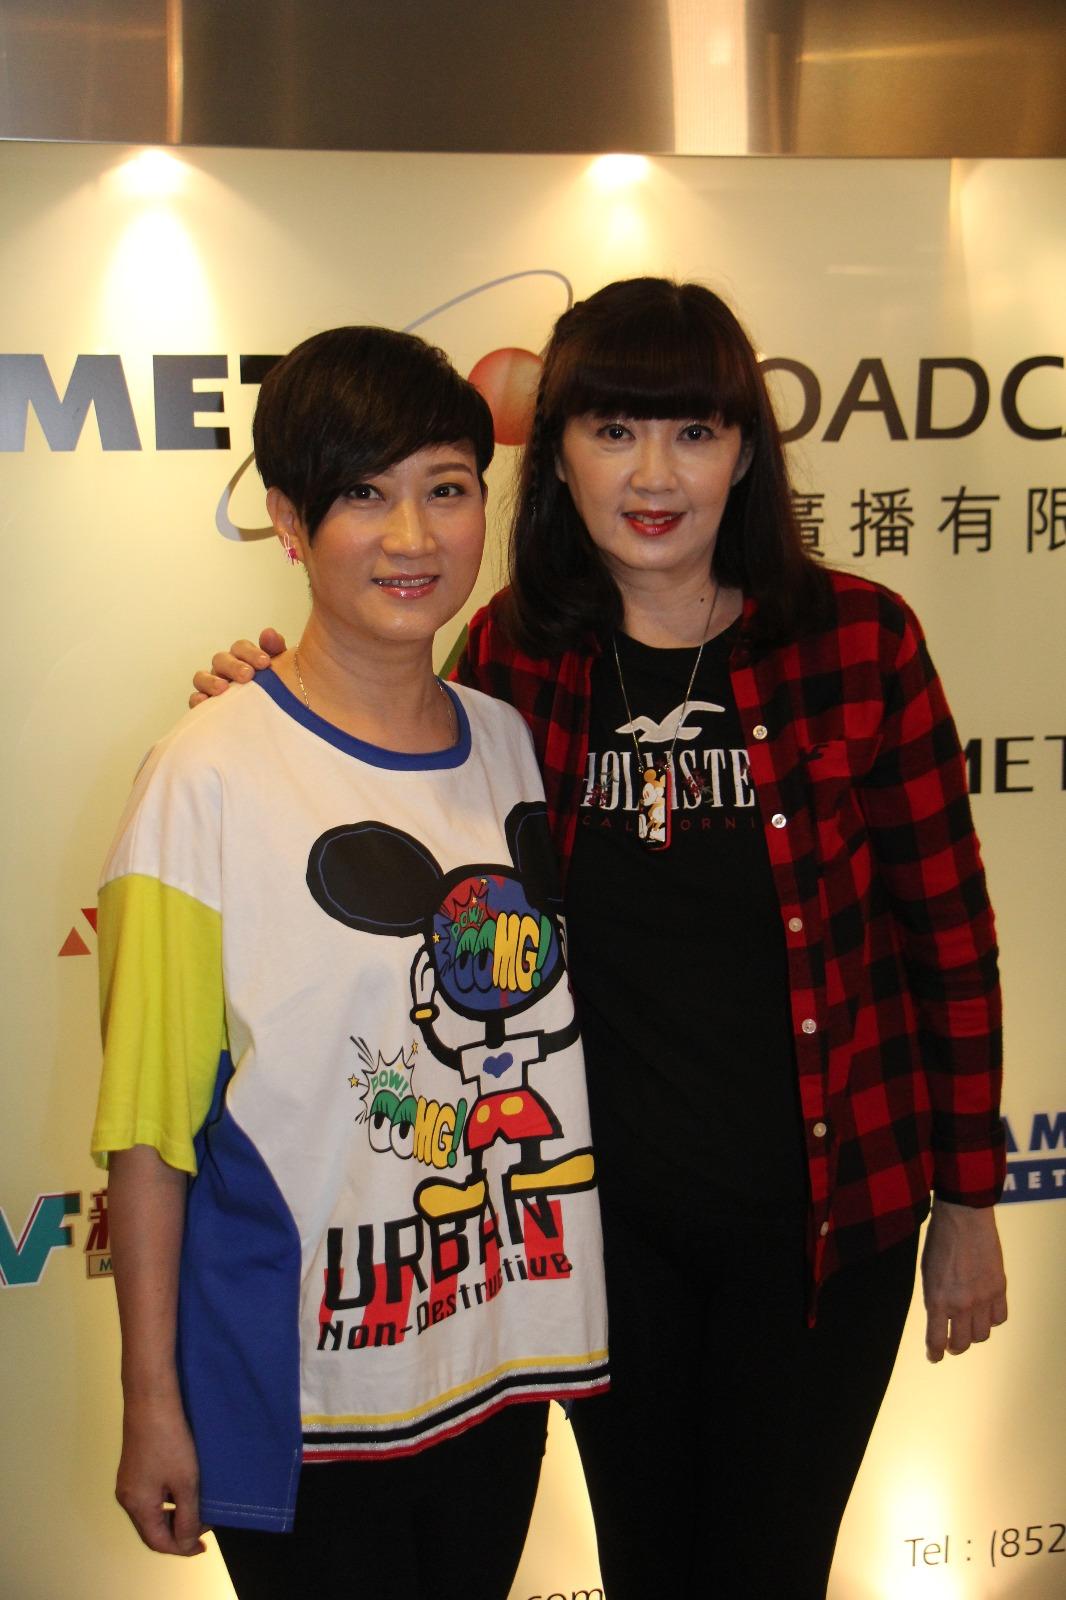 唐韋琪在節目中獻唱《甜甜廿四味》送給倪詩蓓。